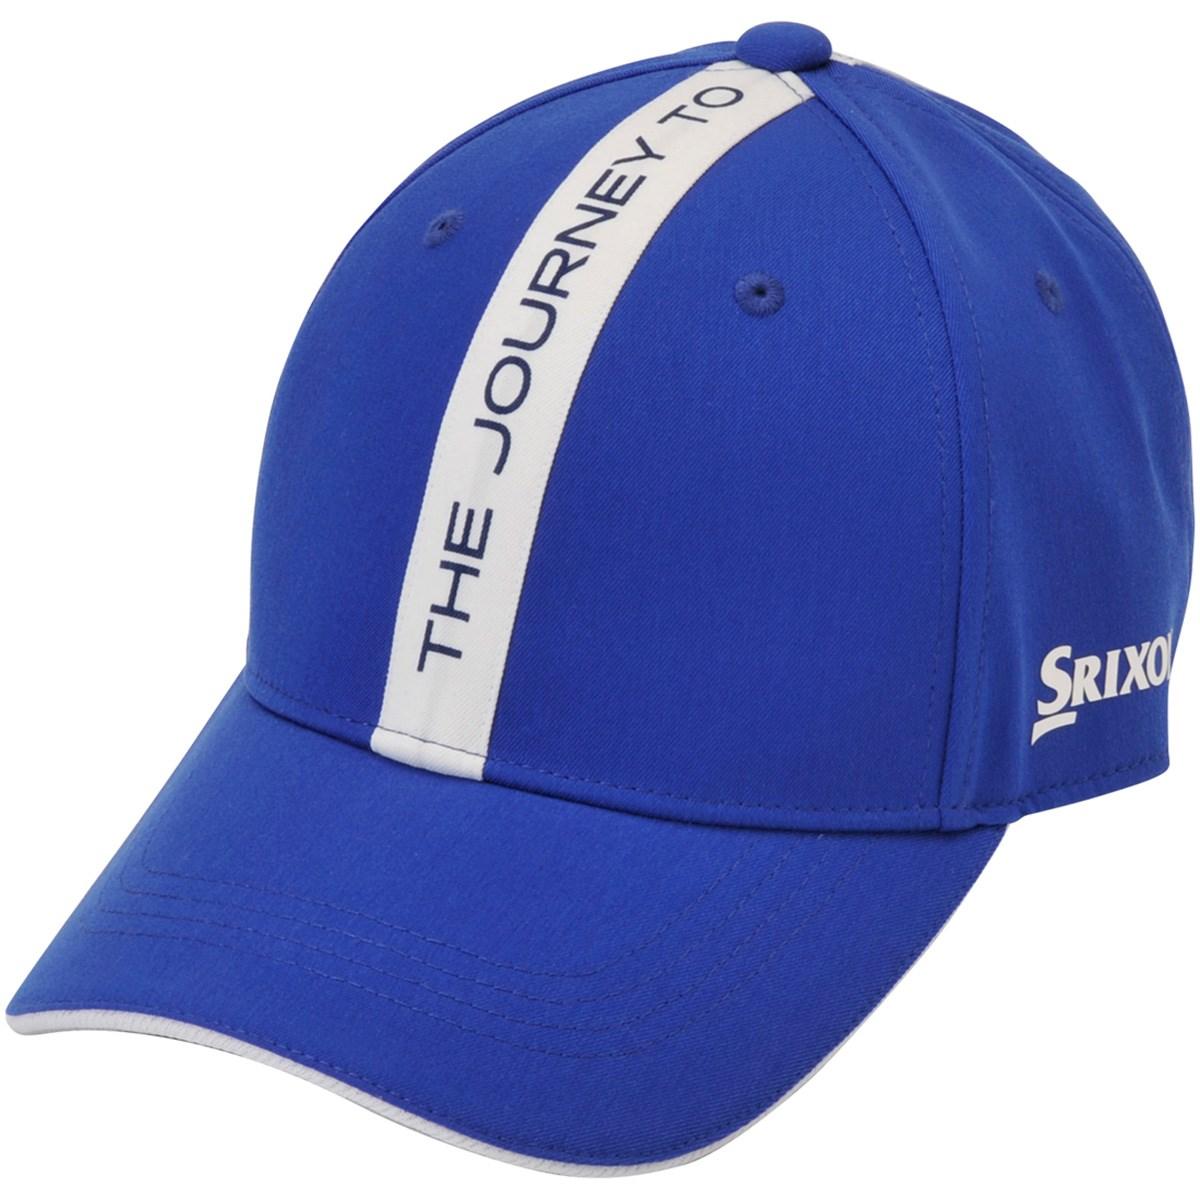 スリクソンゴルフ SRIXON タイポグラフィデザインキャップ フリー ブルー 00